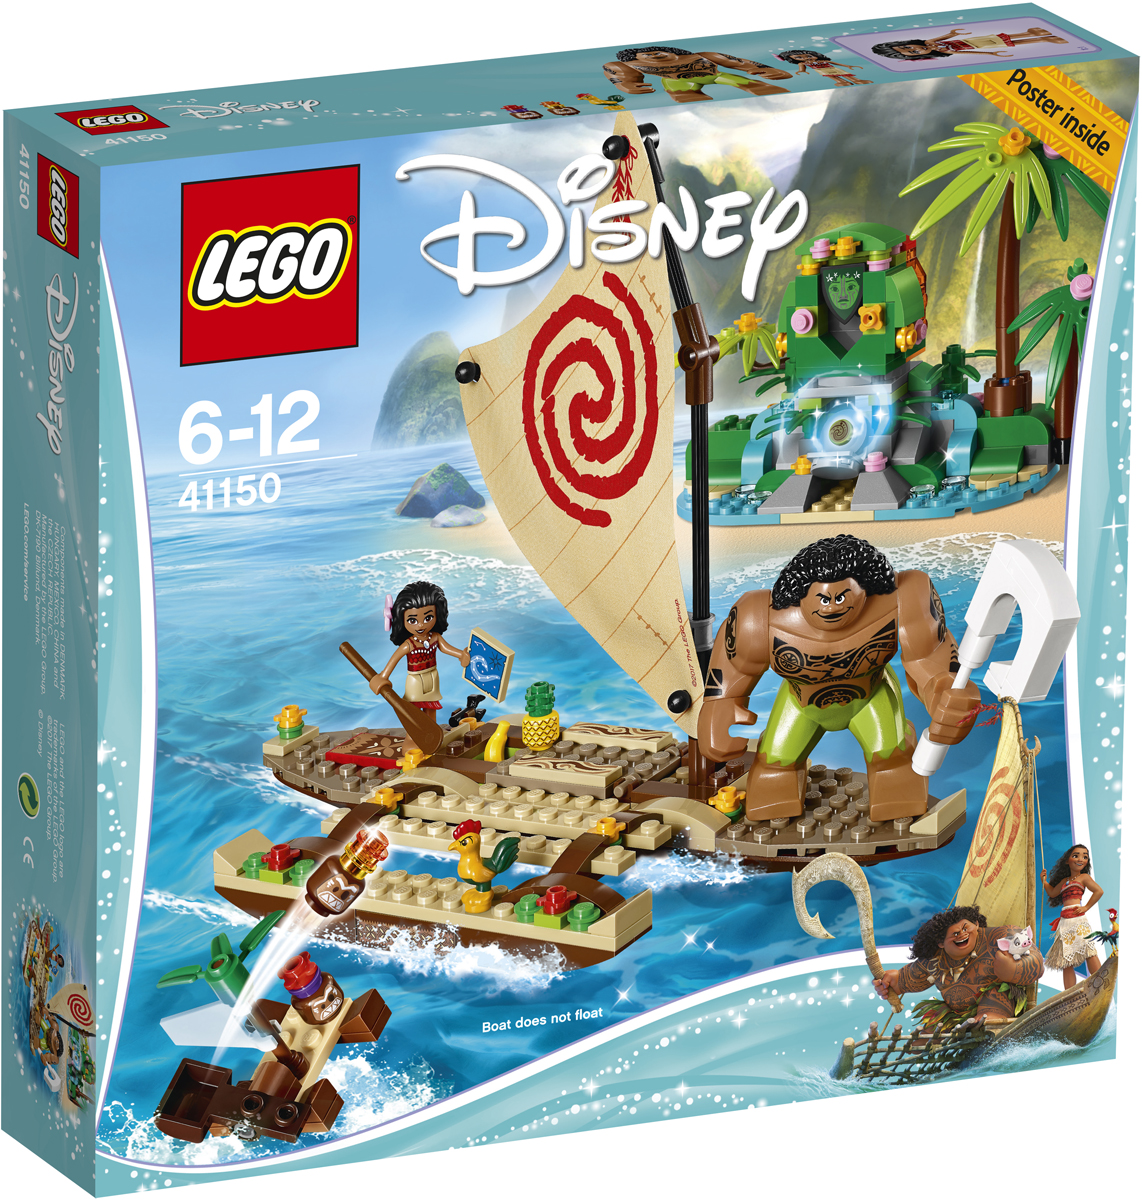 LEGO Disney Princess Конструктор Путешествие Моаны через океан 41150 lego disney princess 41150 лего принцессы путешествие моаны через океан